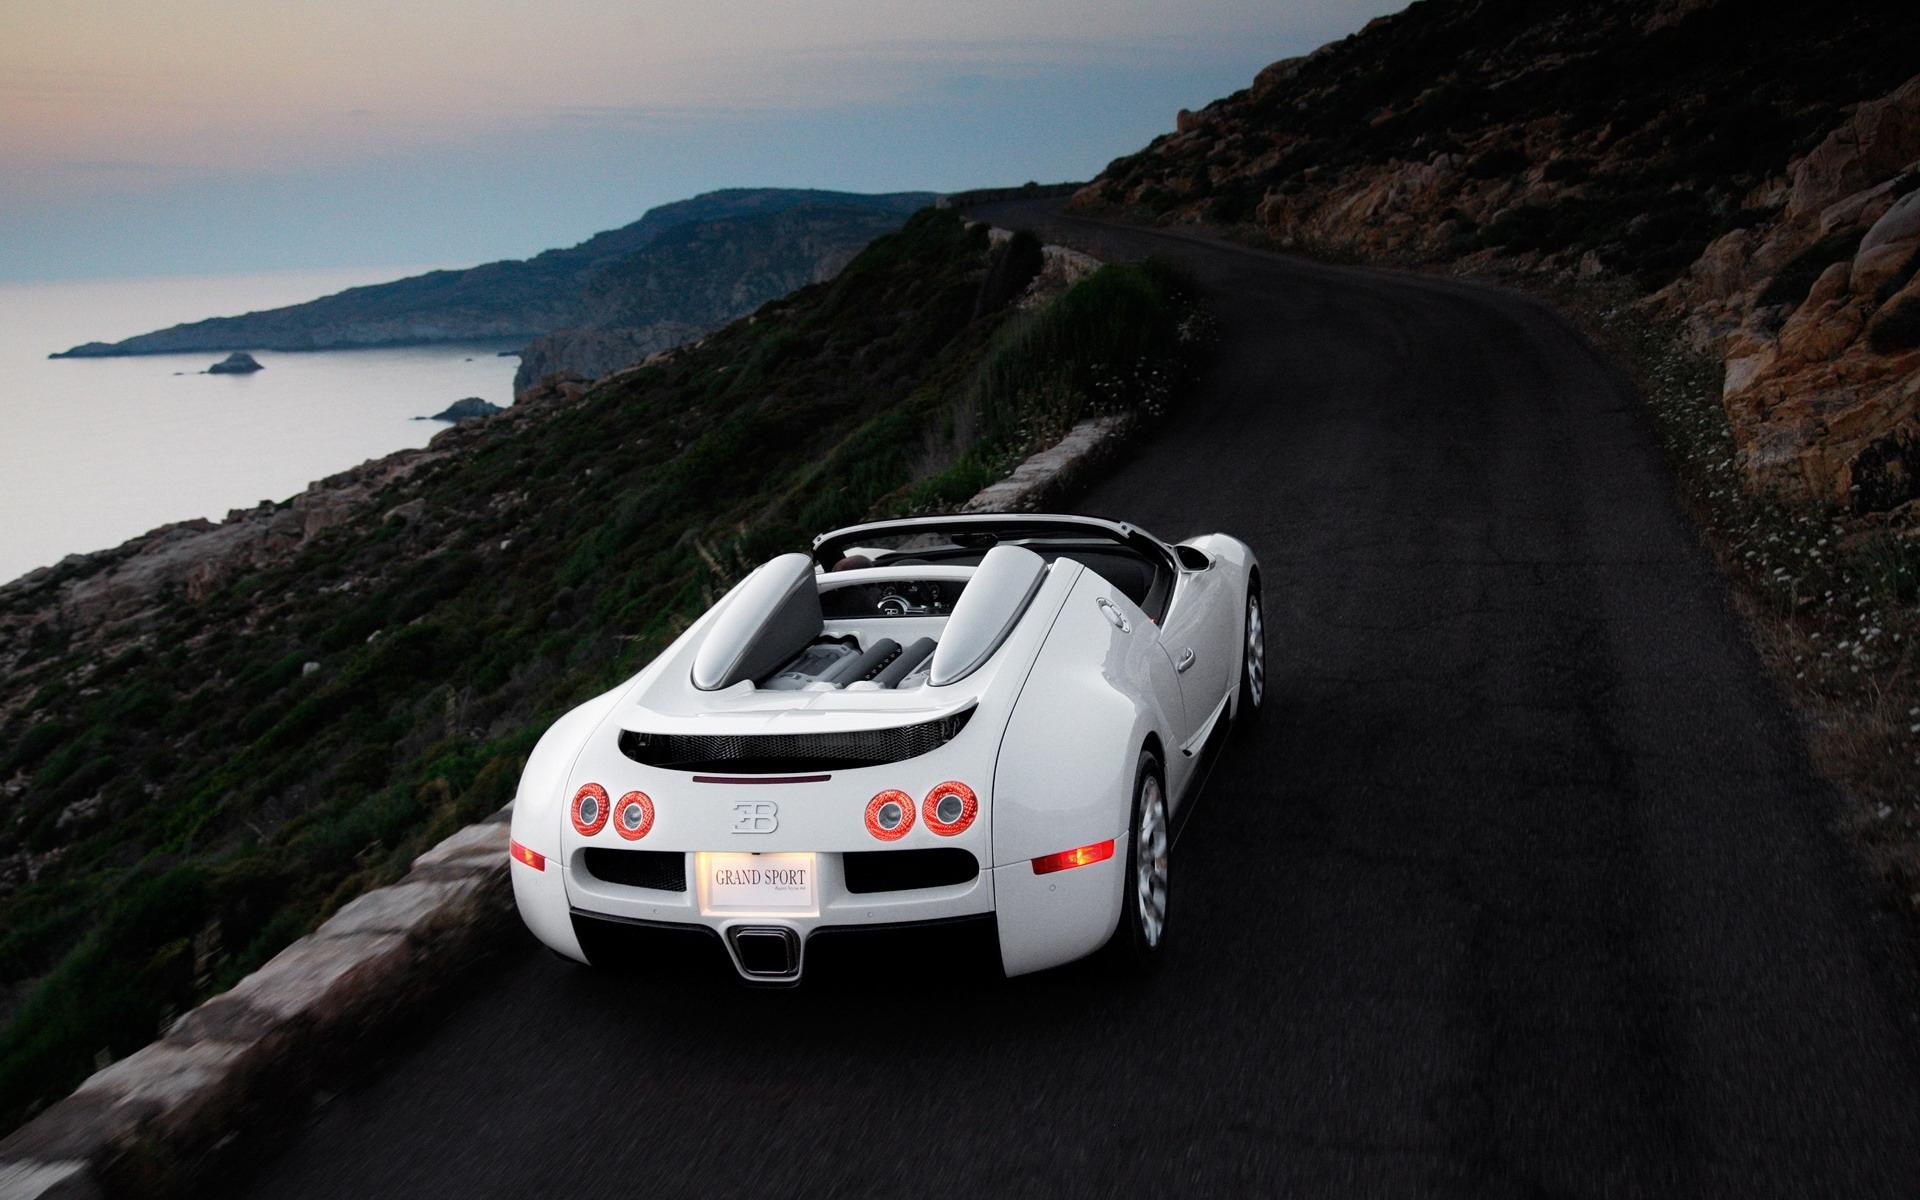 7092 обои 1080x1920 на телефон бесплатно, скачать картинки Бугатти (Bugatti), Транспорт, Машины 1080x1920 на мобильный